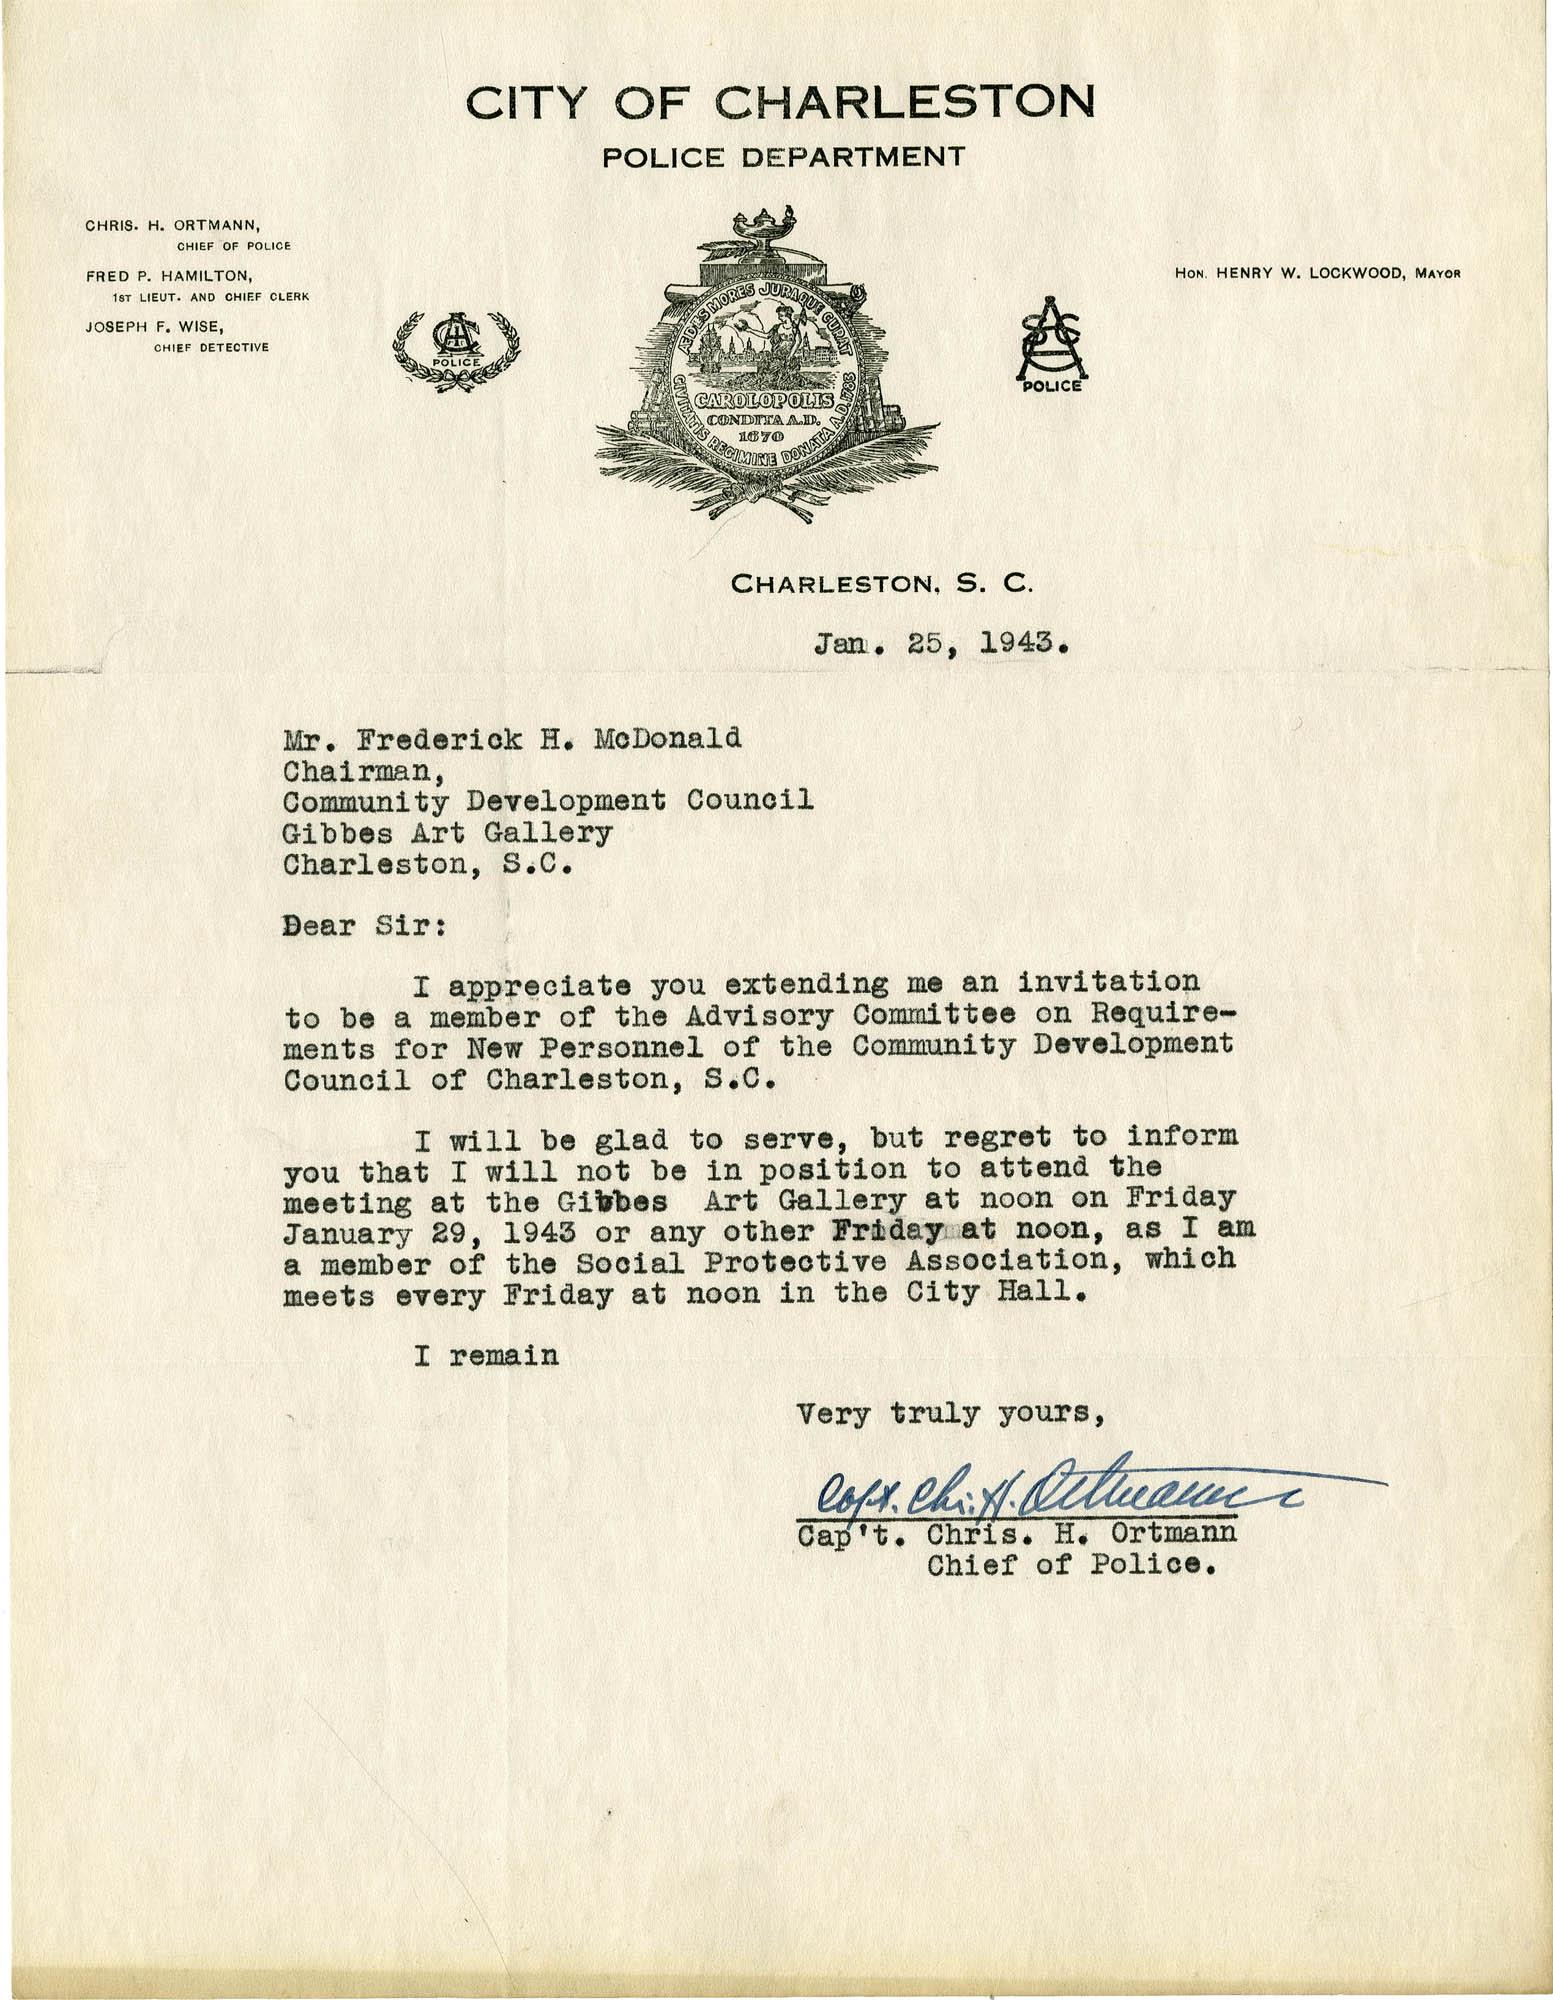 Folder 32: Ortmann Letter